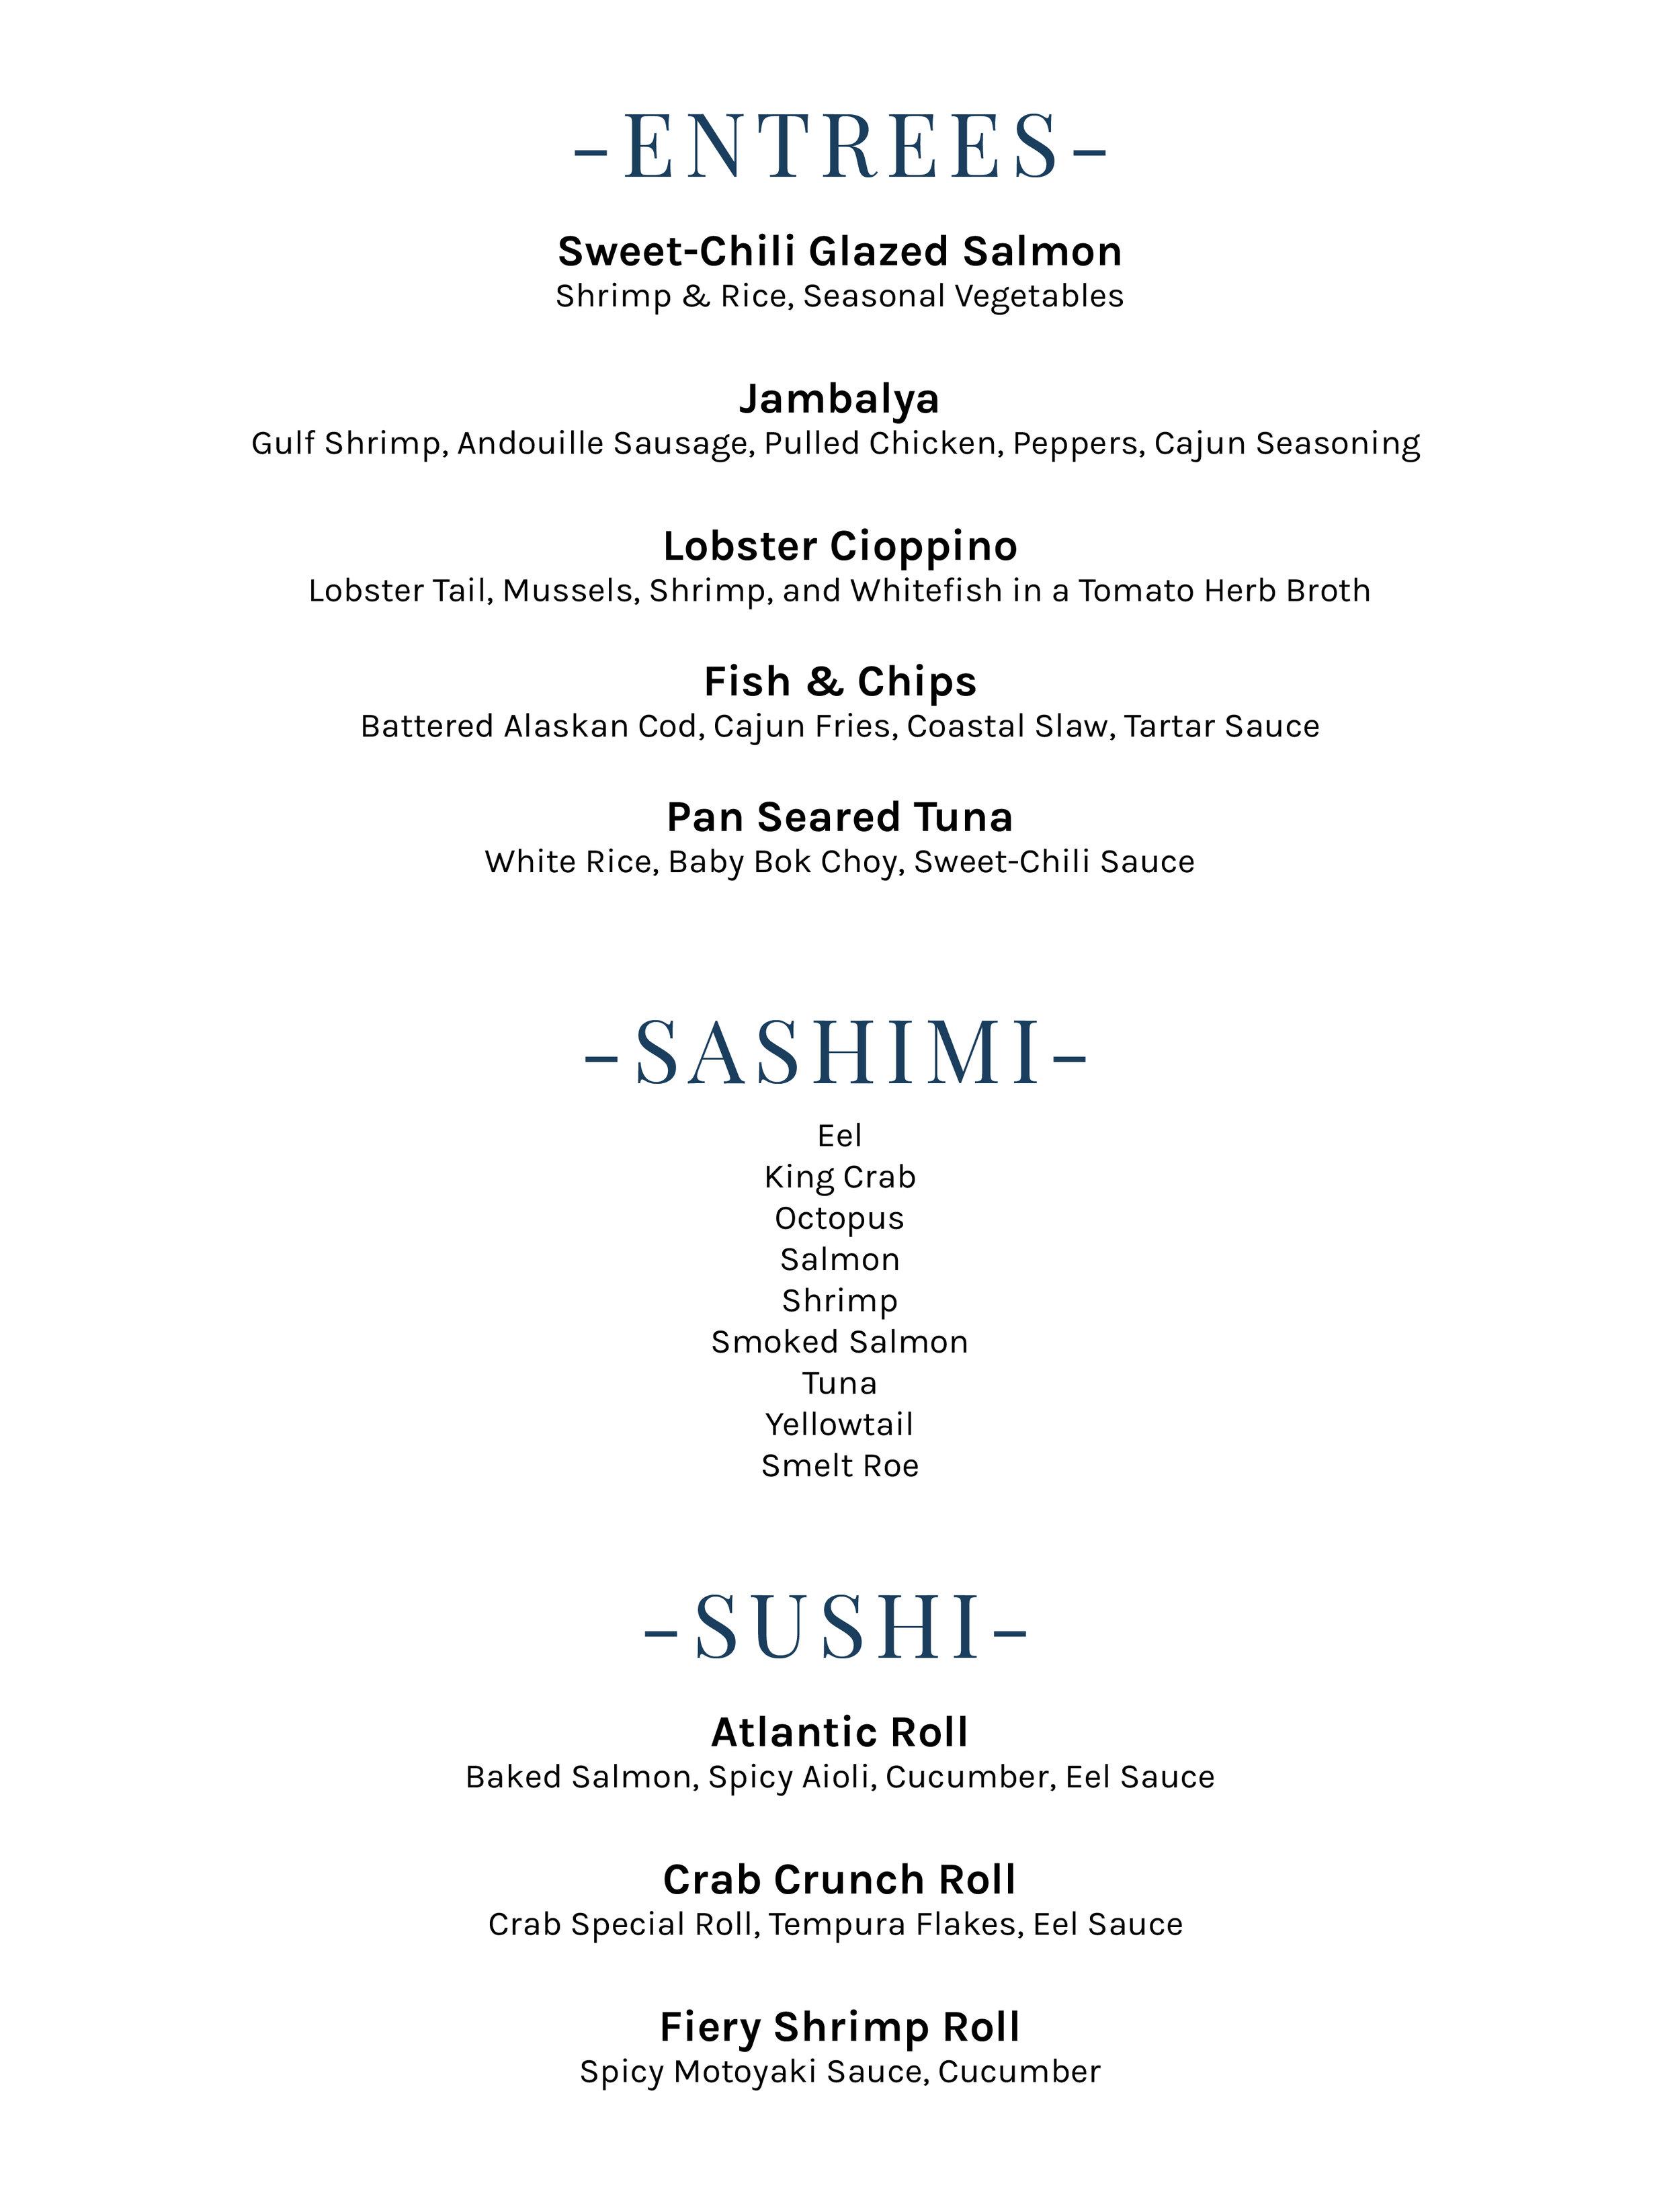 deepwater_menu-04.jpg